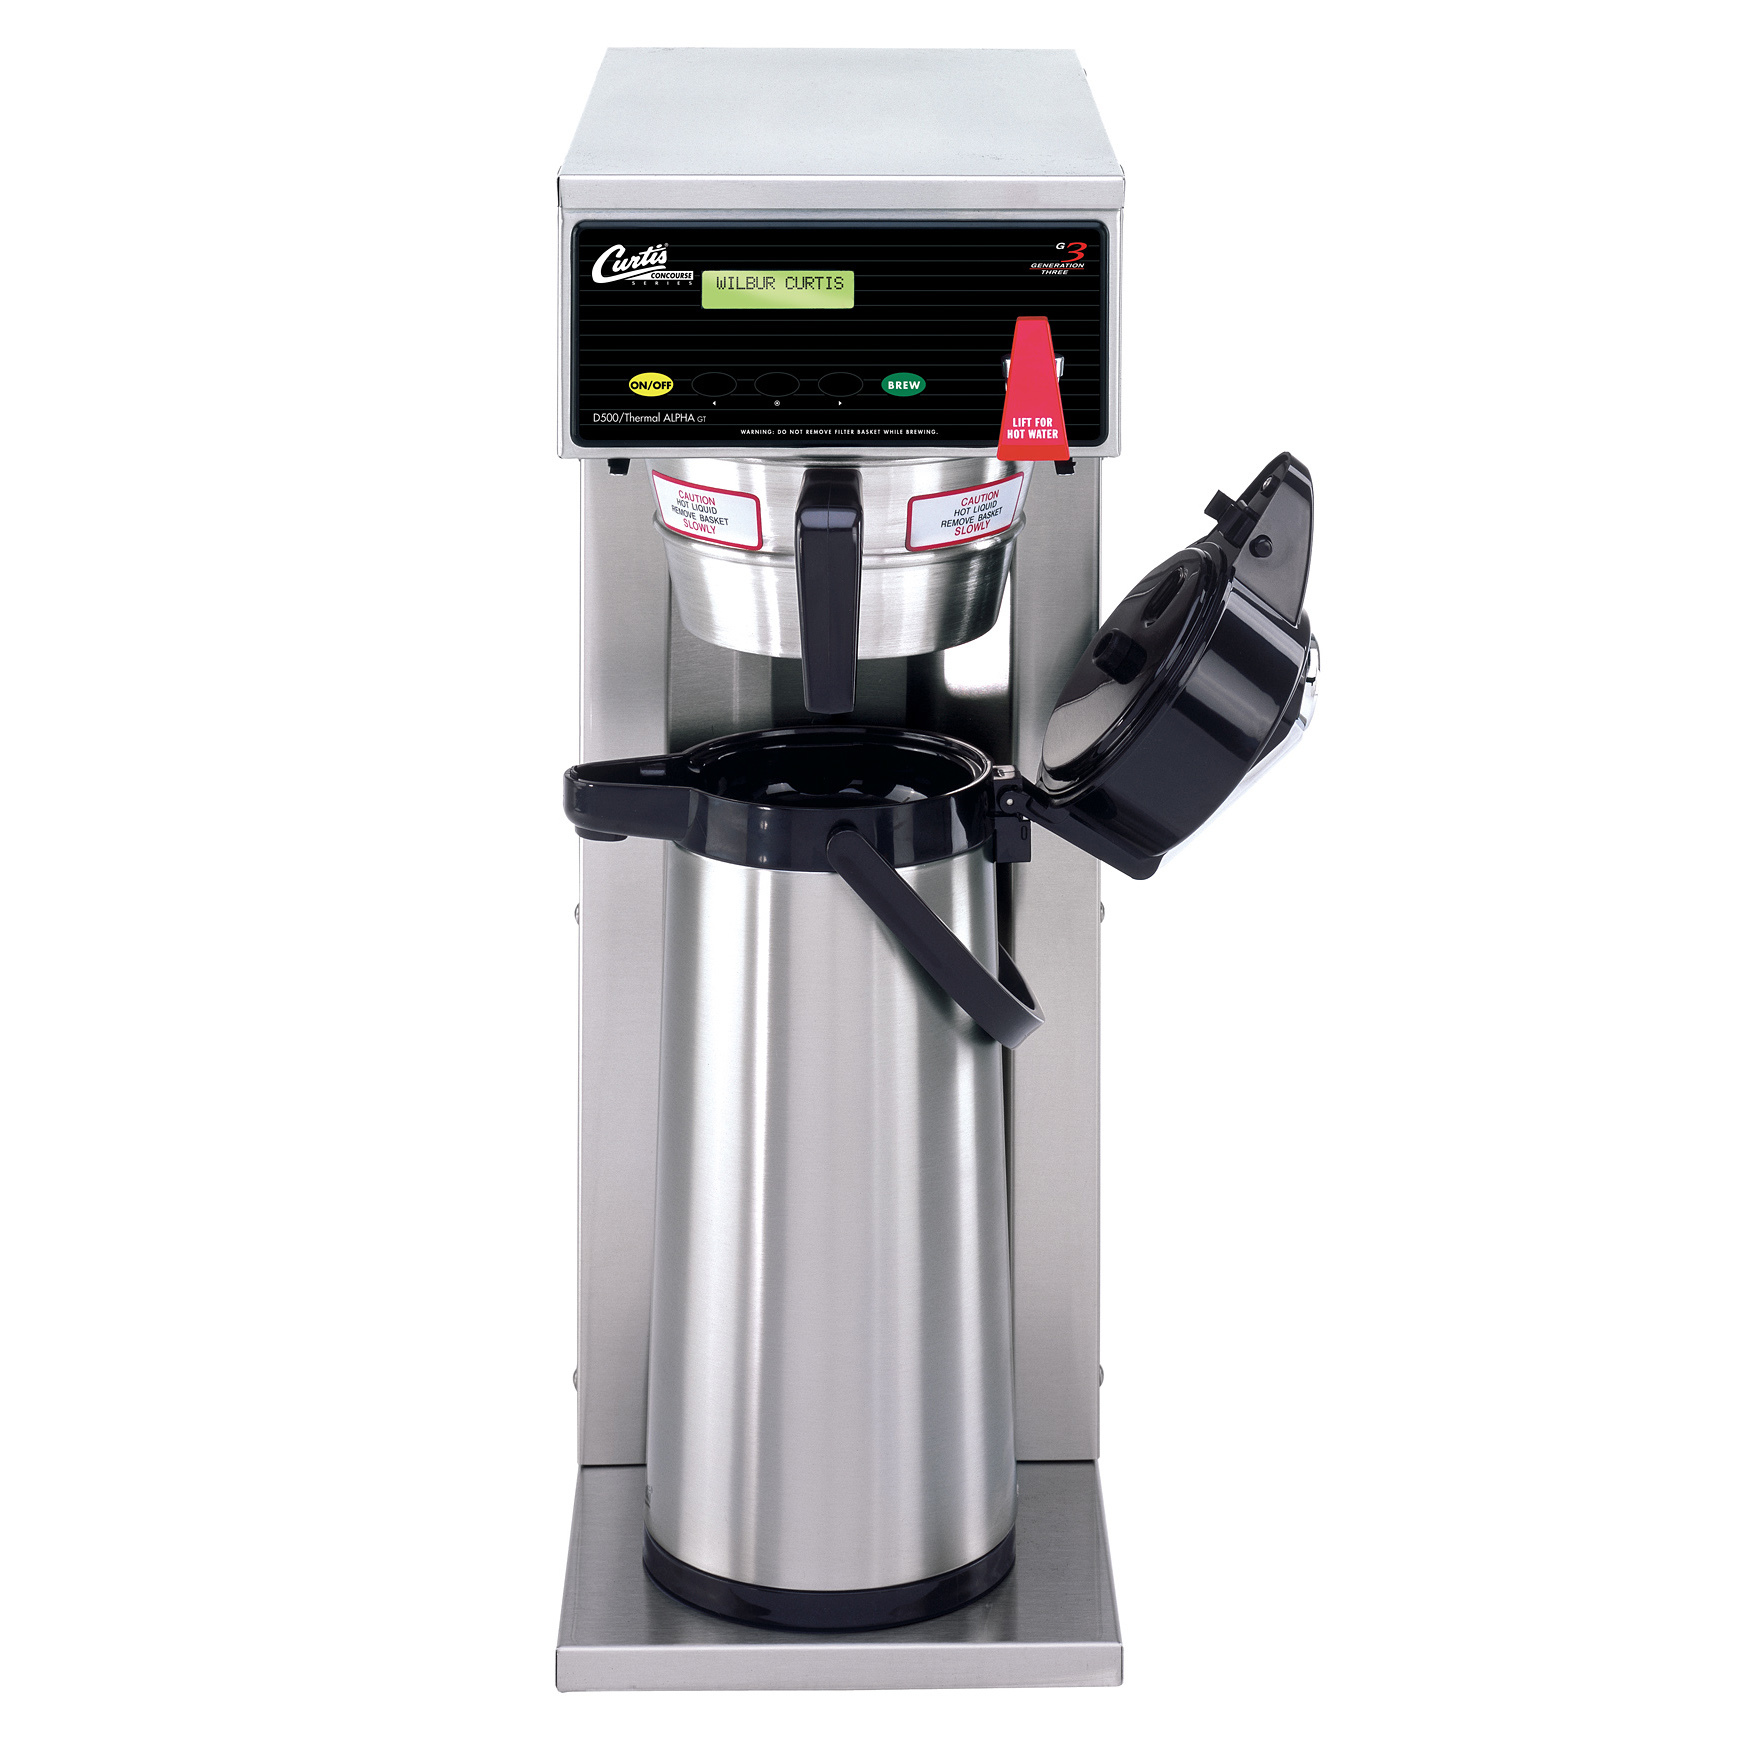 Автоматичні та фільтраційні кавоварки - G3 Airpot Brewer